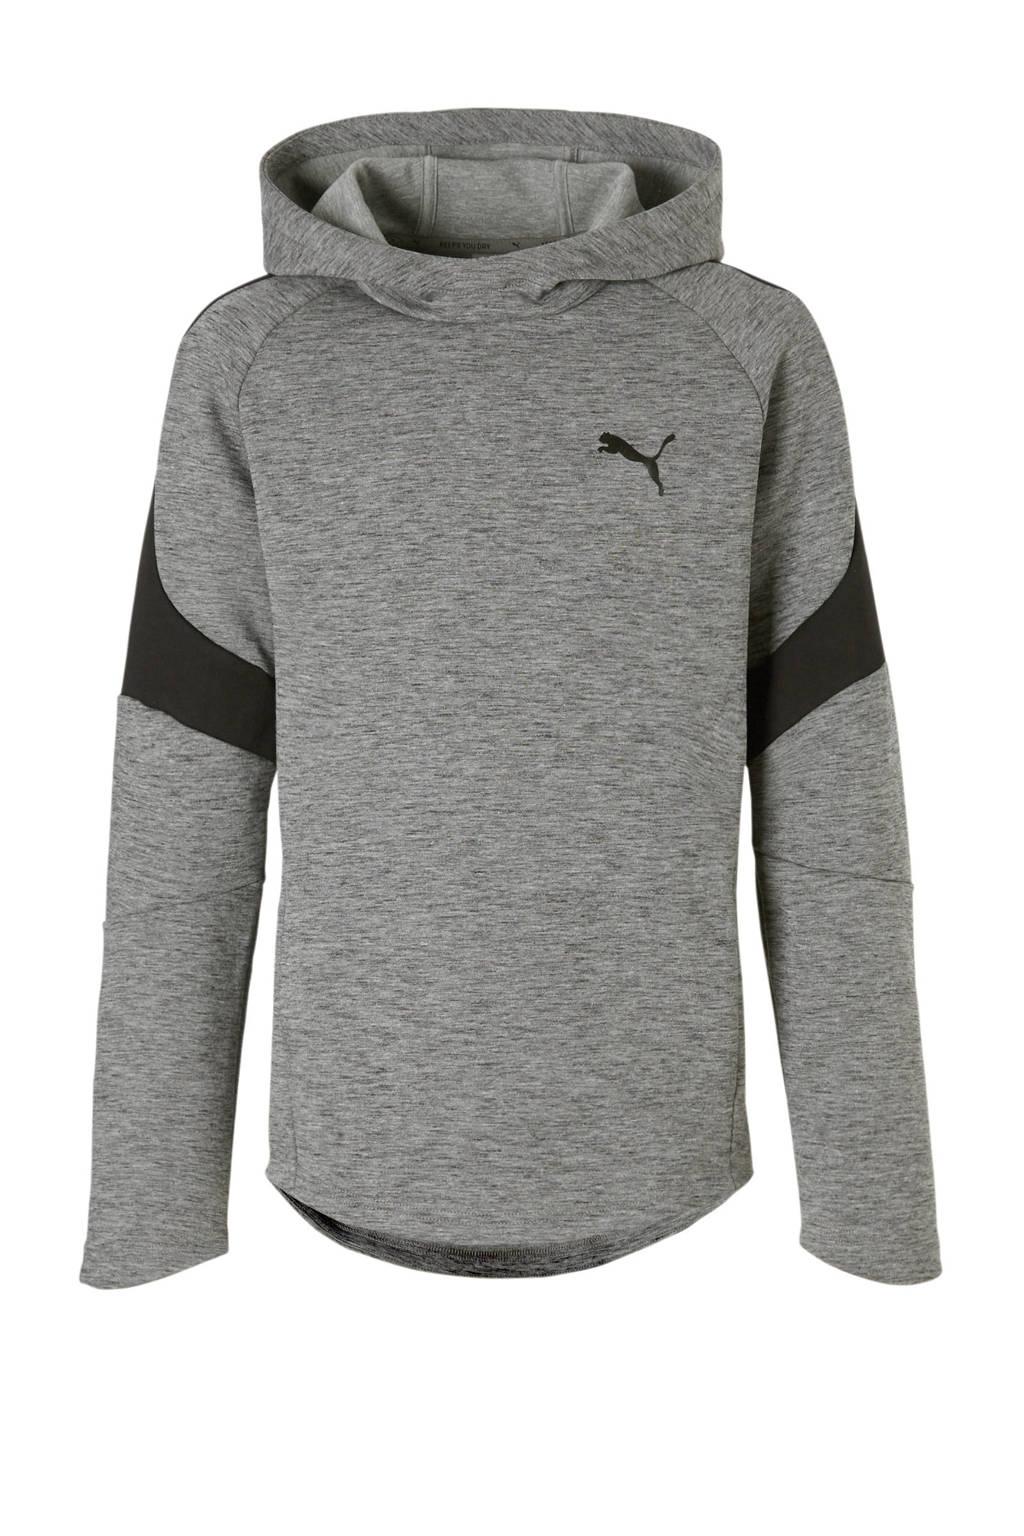 Puma   Evostripe hoodie grijs, Grijs